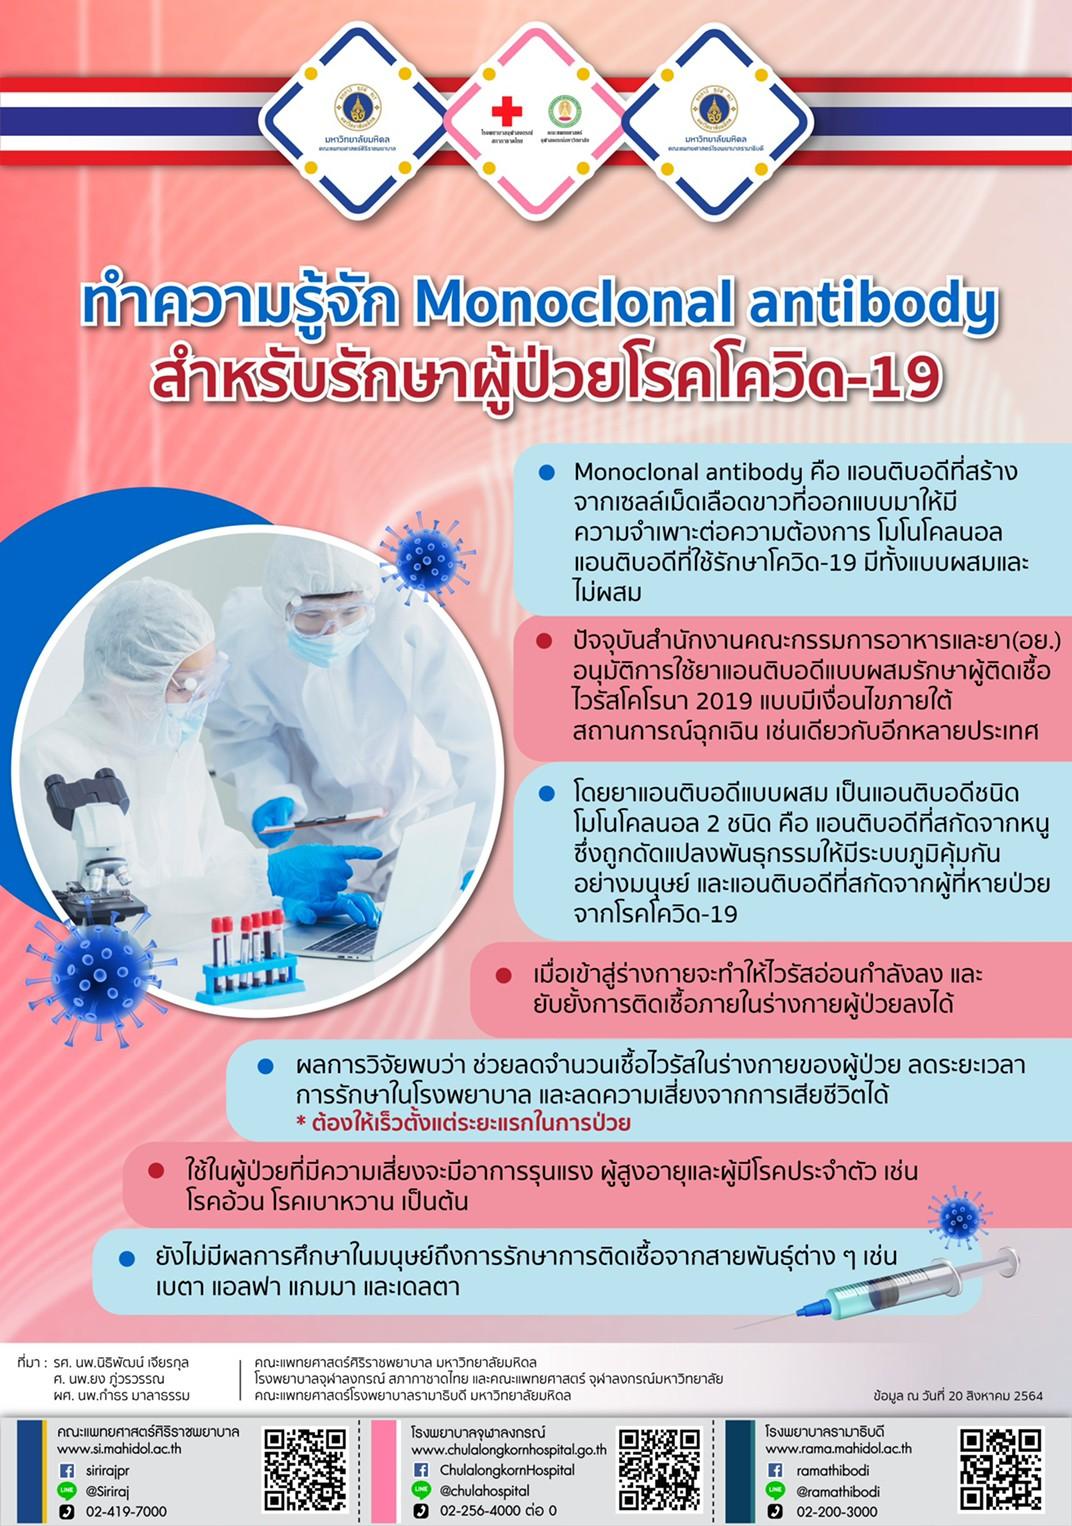 ทำความรู้จัก Monoclonal antibody สำหรับรักษาผู้ป่วยโรคโควิด-19